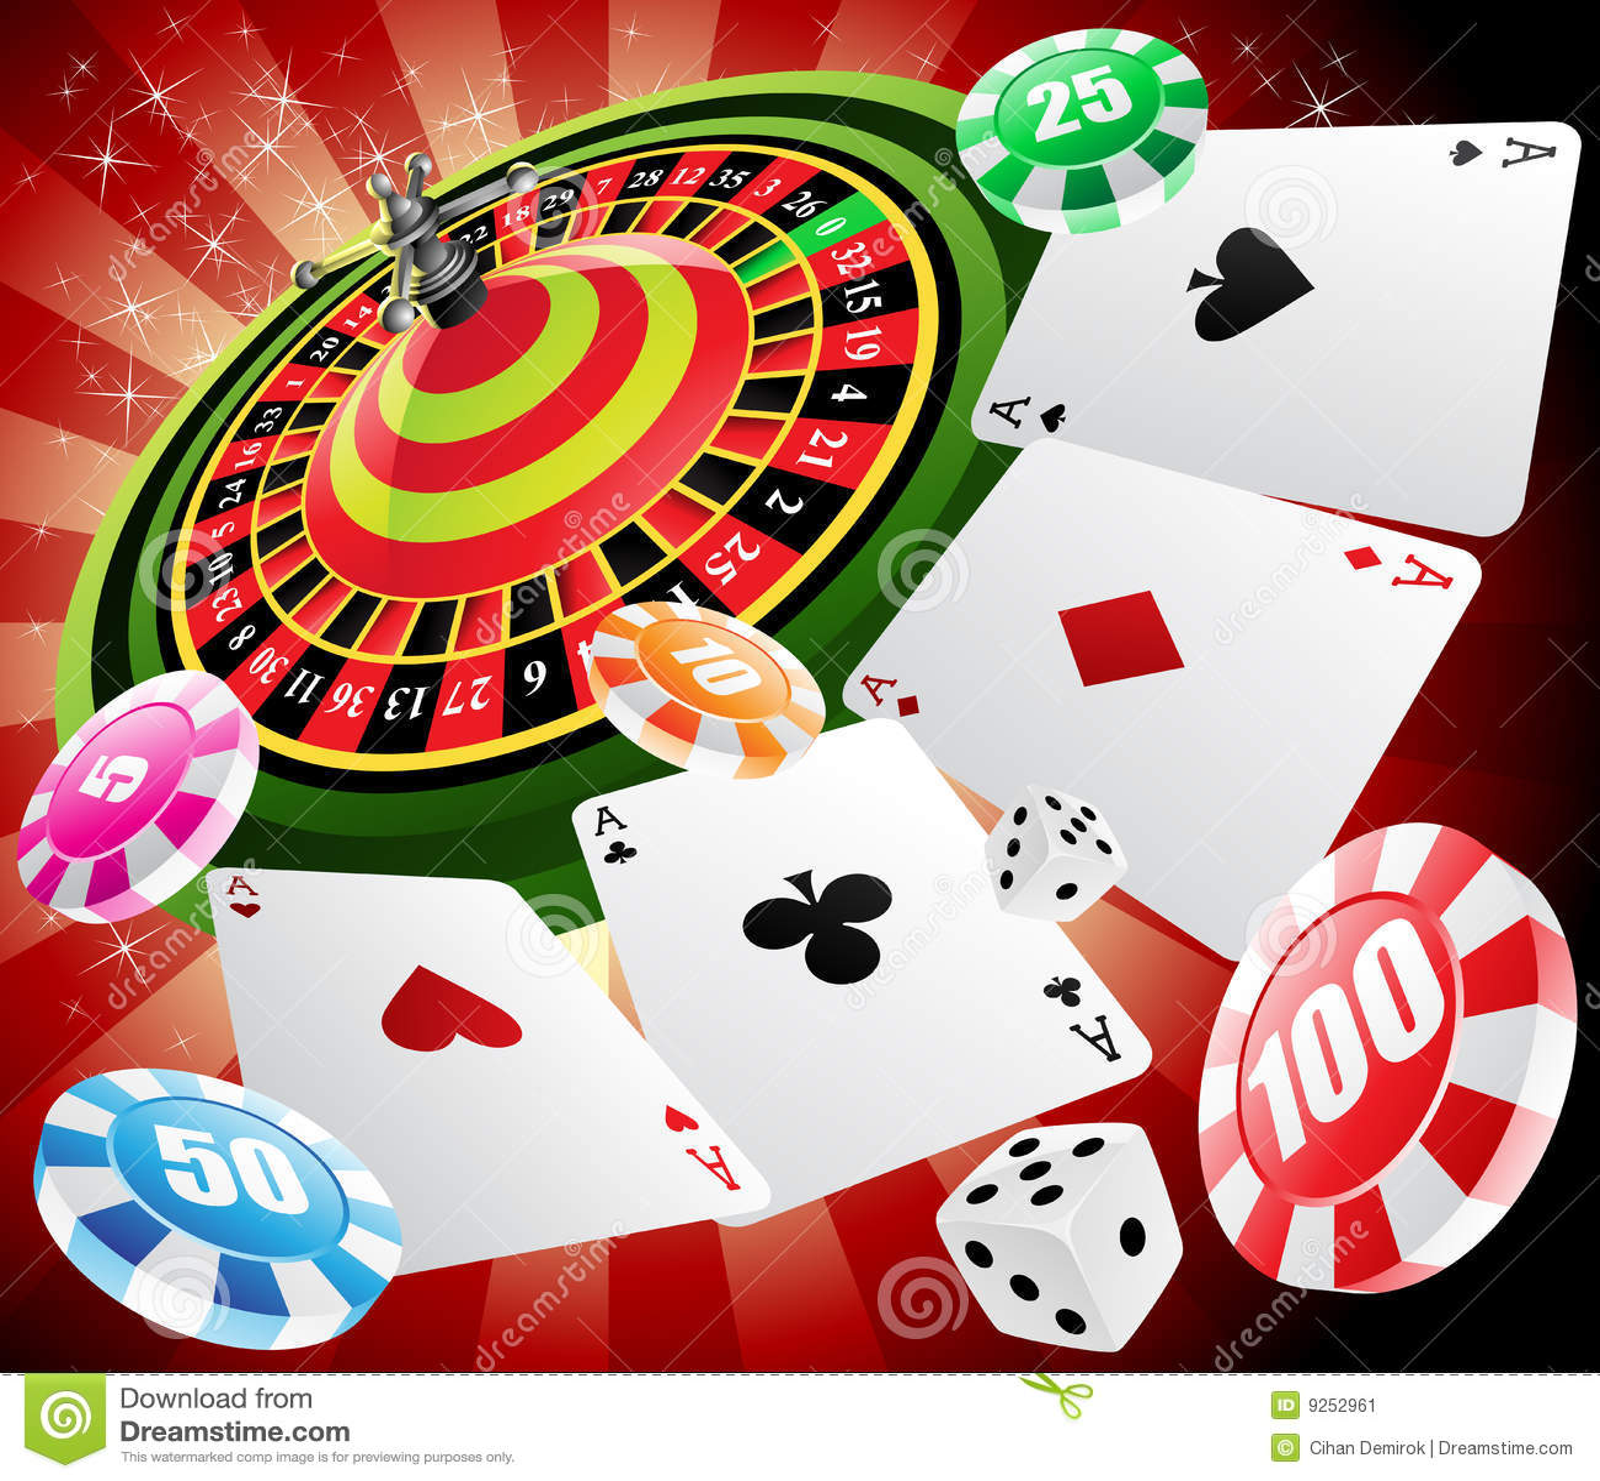 rolette casino